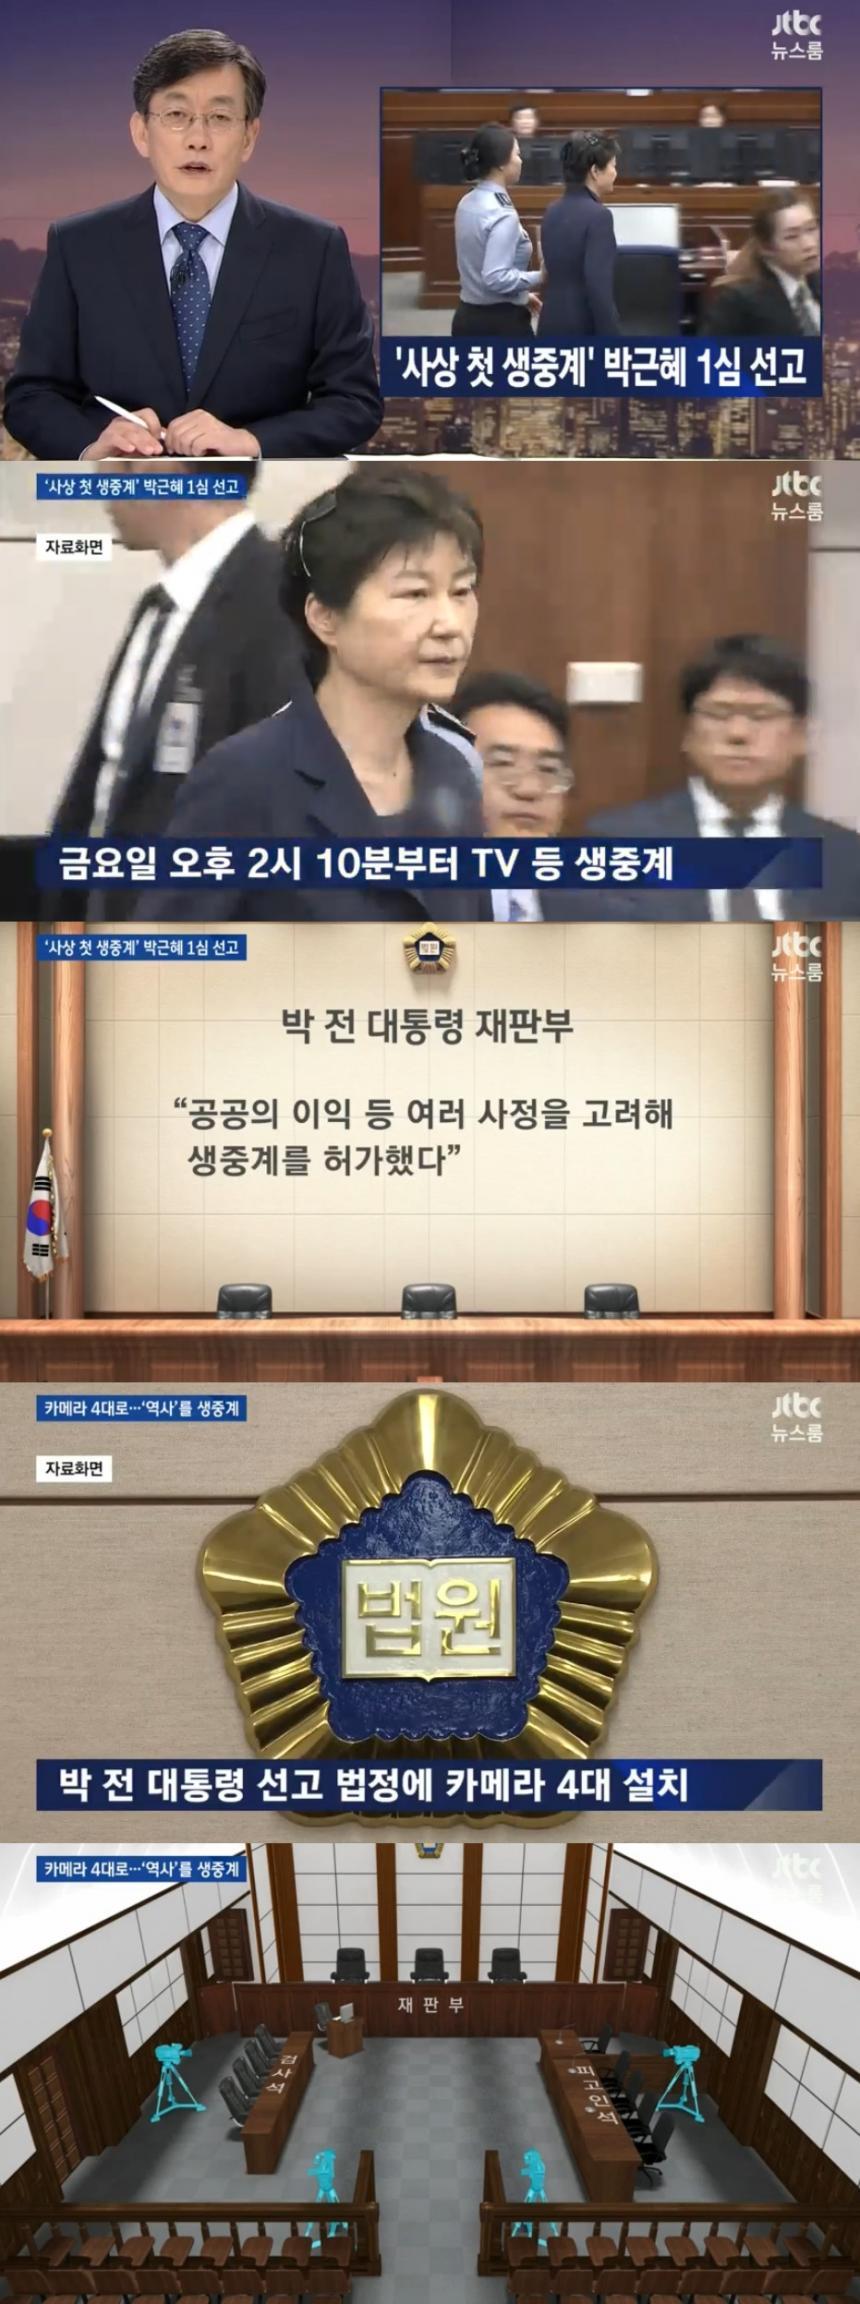 JTBC '뉴스룸' 캡처